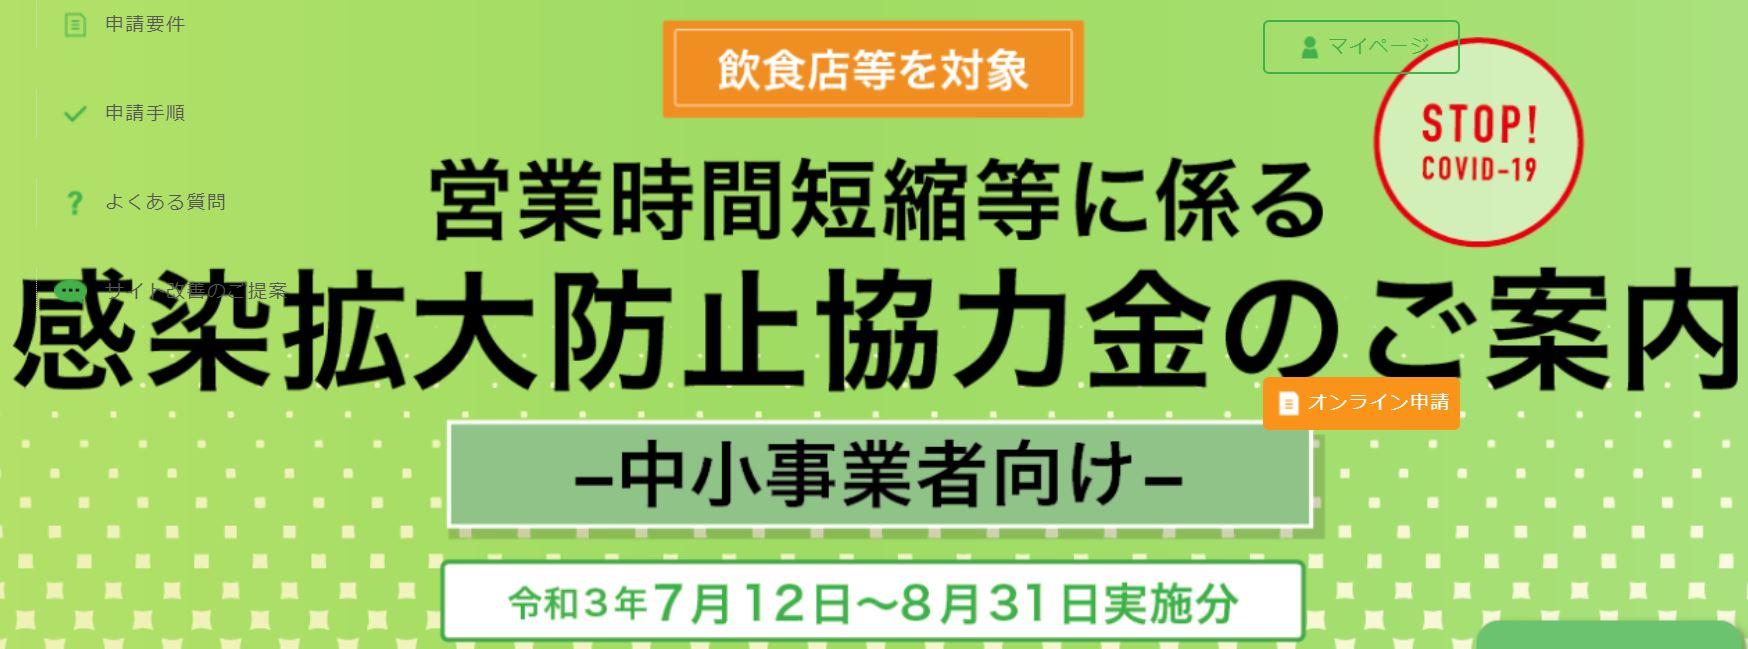 都の協力金 7/12~8/31実施分の受付が9月15日(水)から開始!